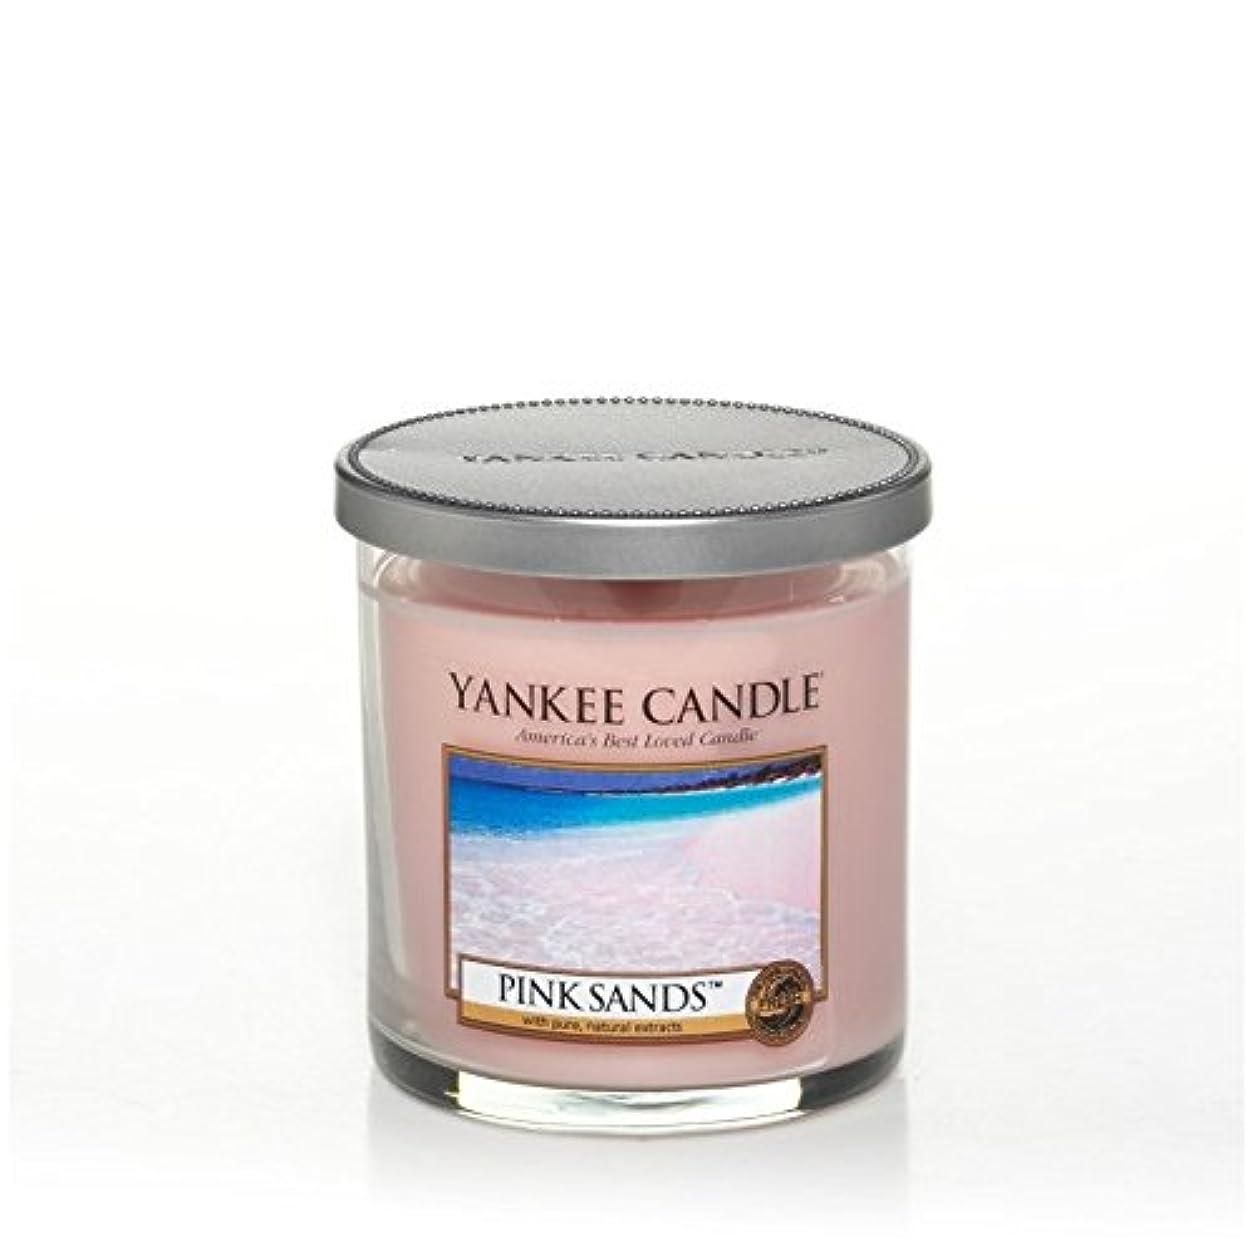 オリエント勘違いする四分円Yankee Candles Small Pillar Candle - Pink Sands? (Pack of 2) - ヤンキーキャンドルの小さな柱キャンドル - ピンクの砂? (x2) [並行輸入品]